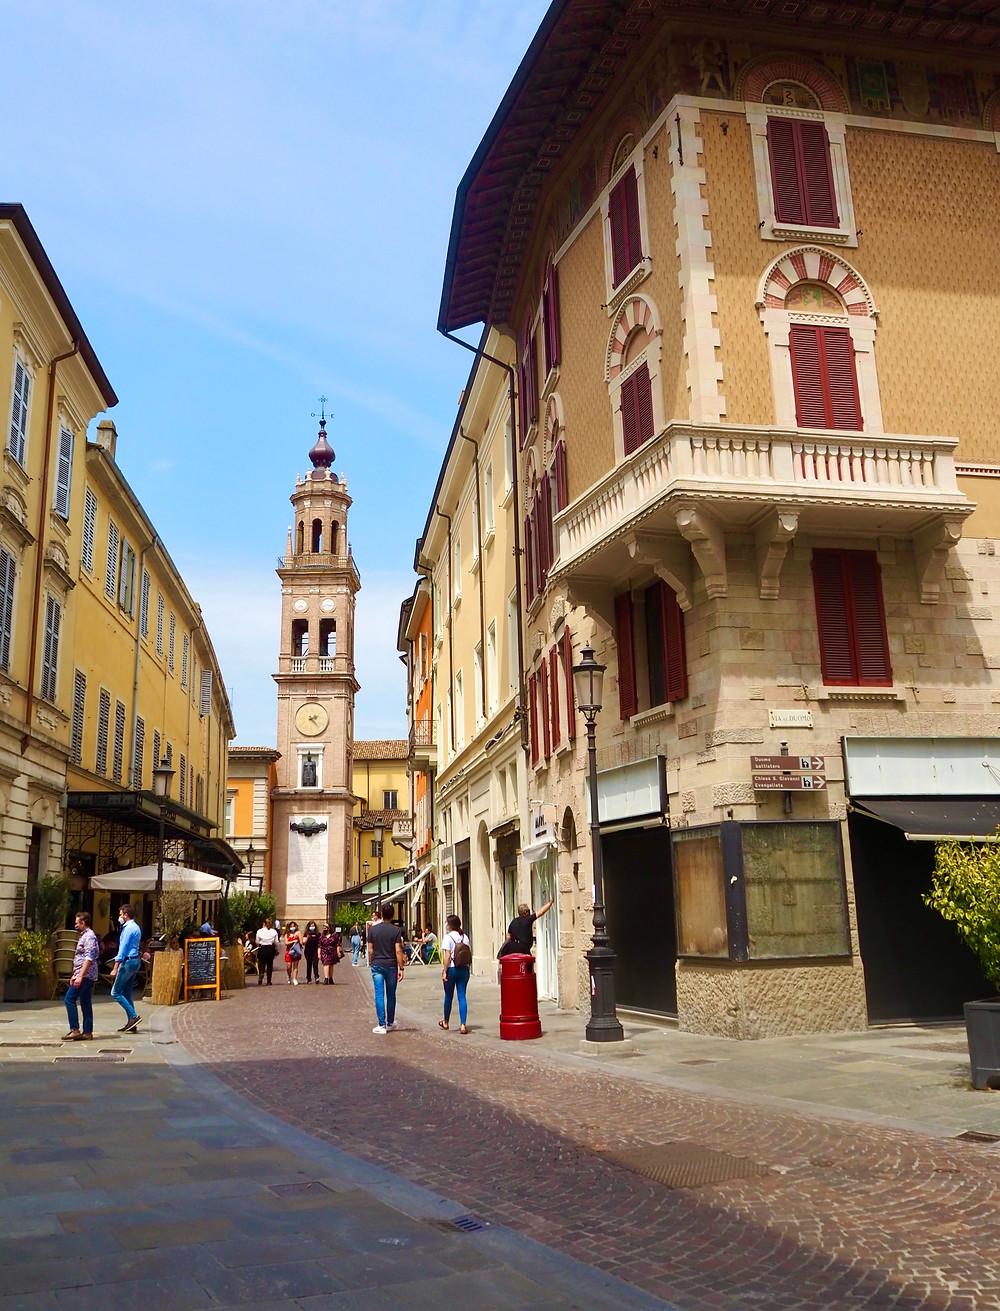 parma-italy-city-center-1